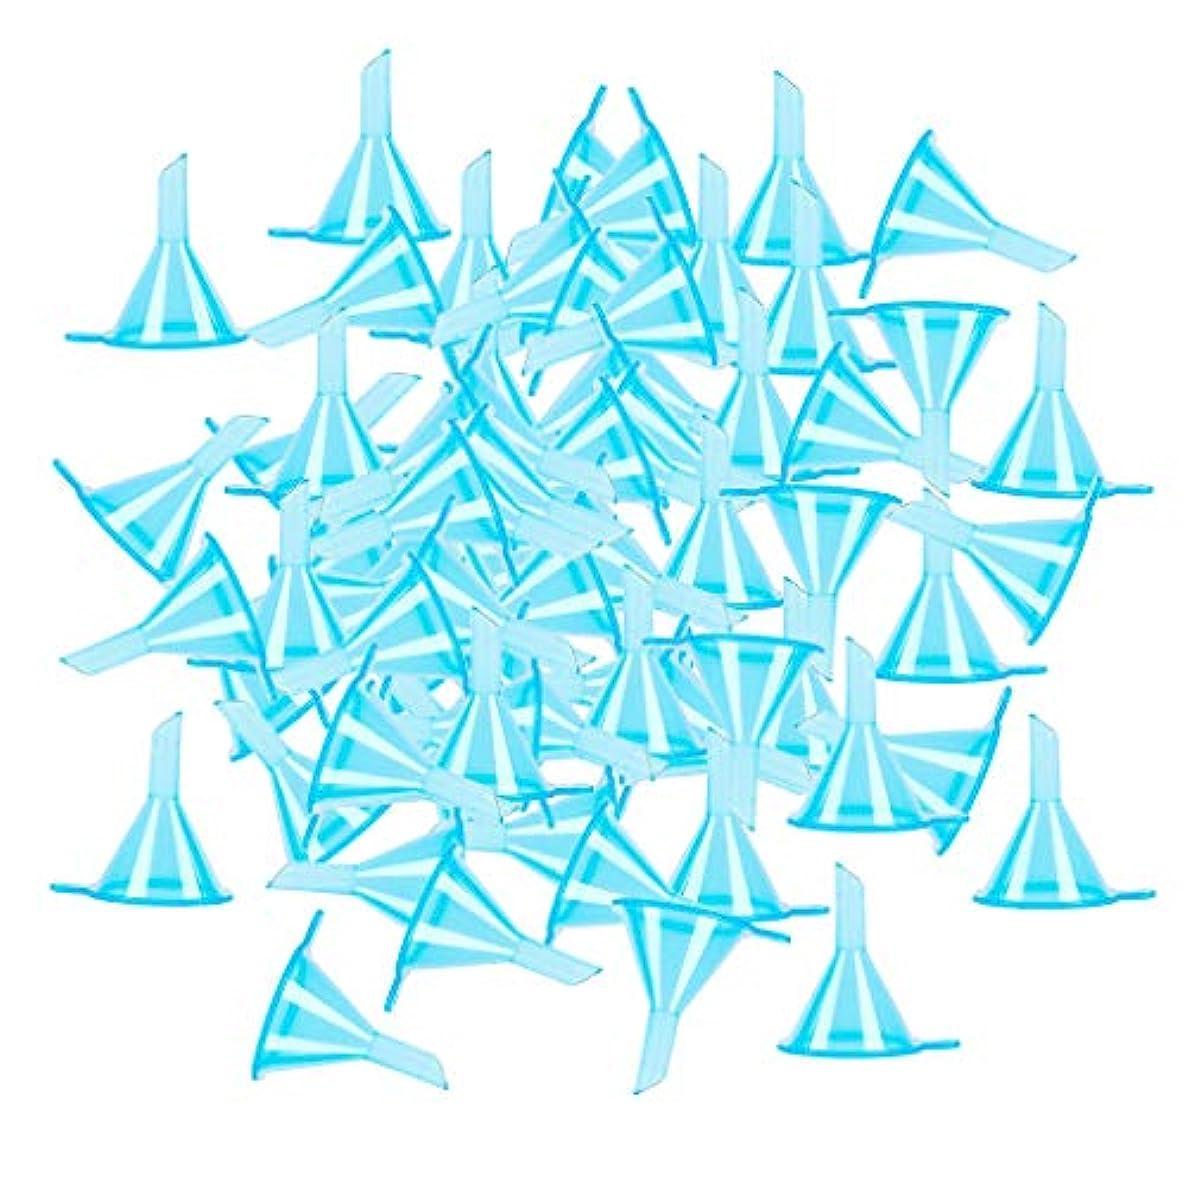 規定パリティペレット100個セット 液体 香水用 小分けツール ミニ ファンネル エッセンシャルオイル 全3色 - ブルー